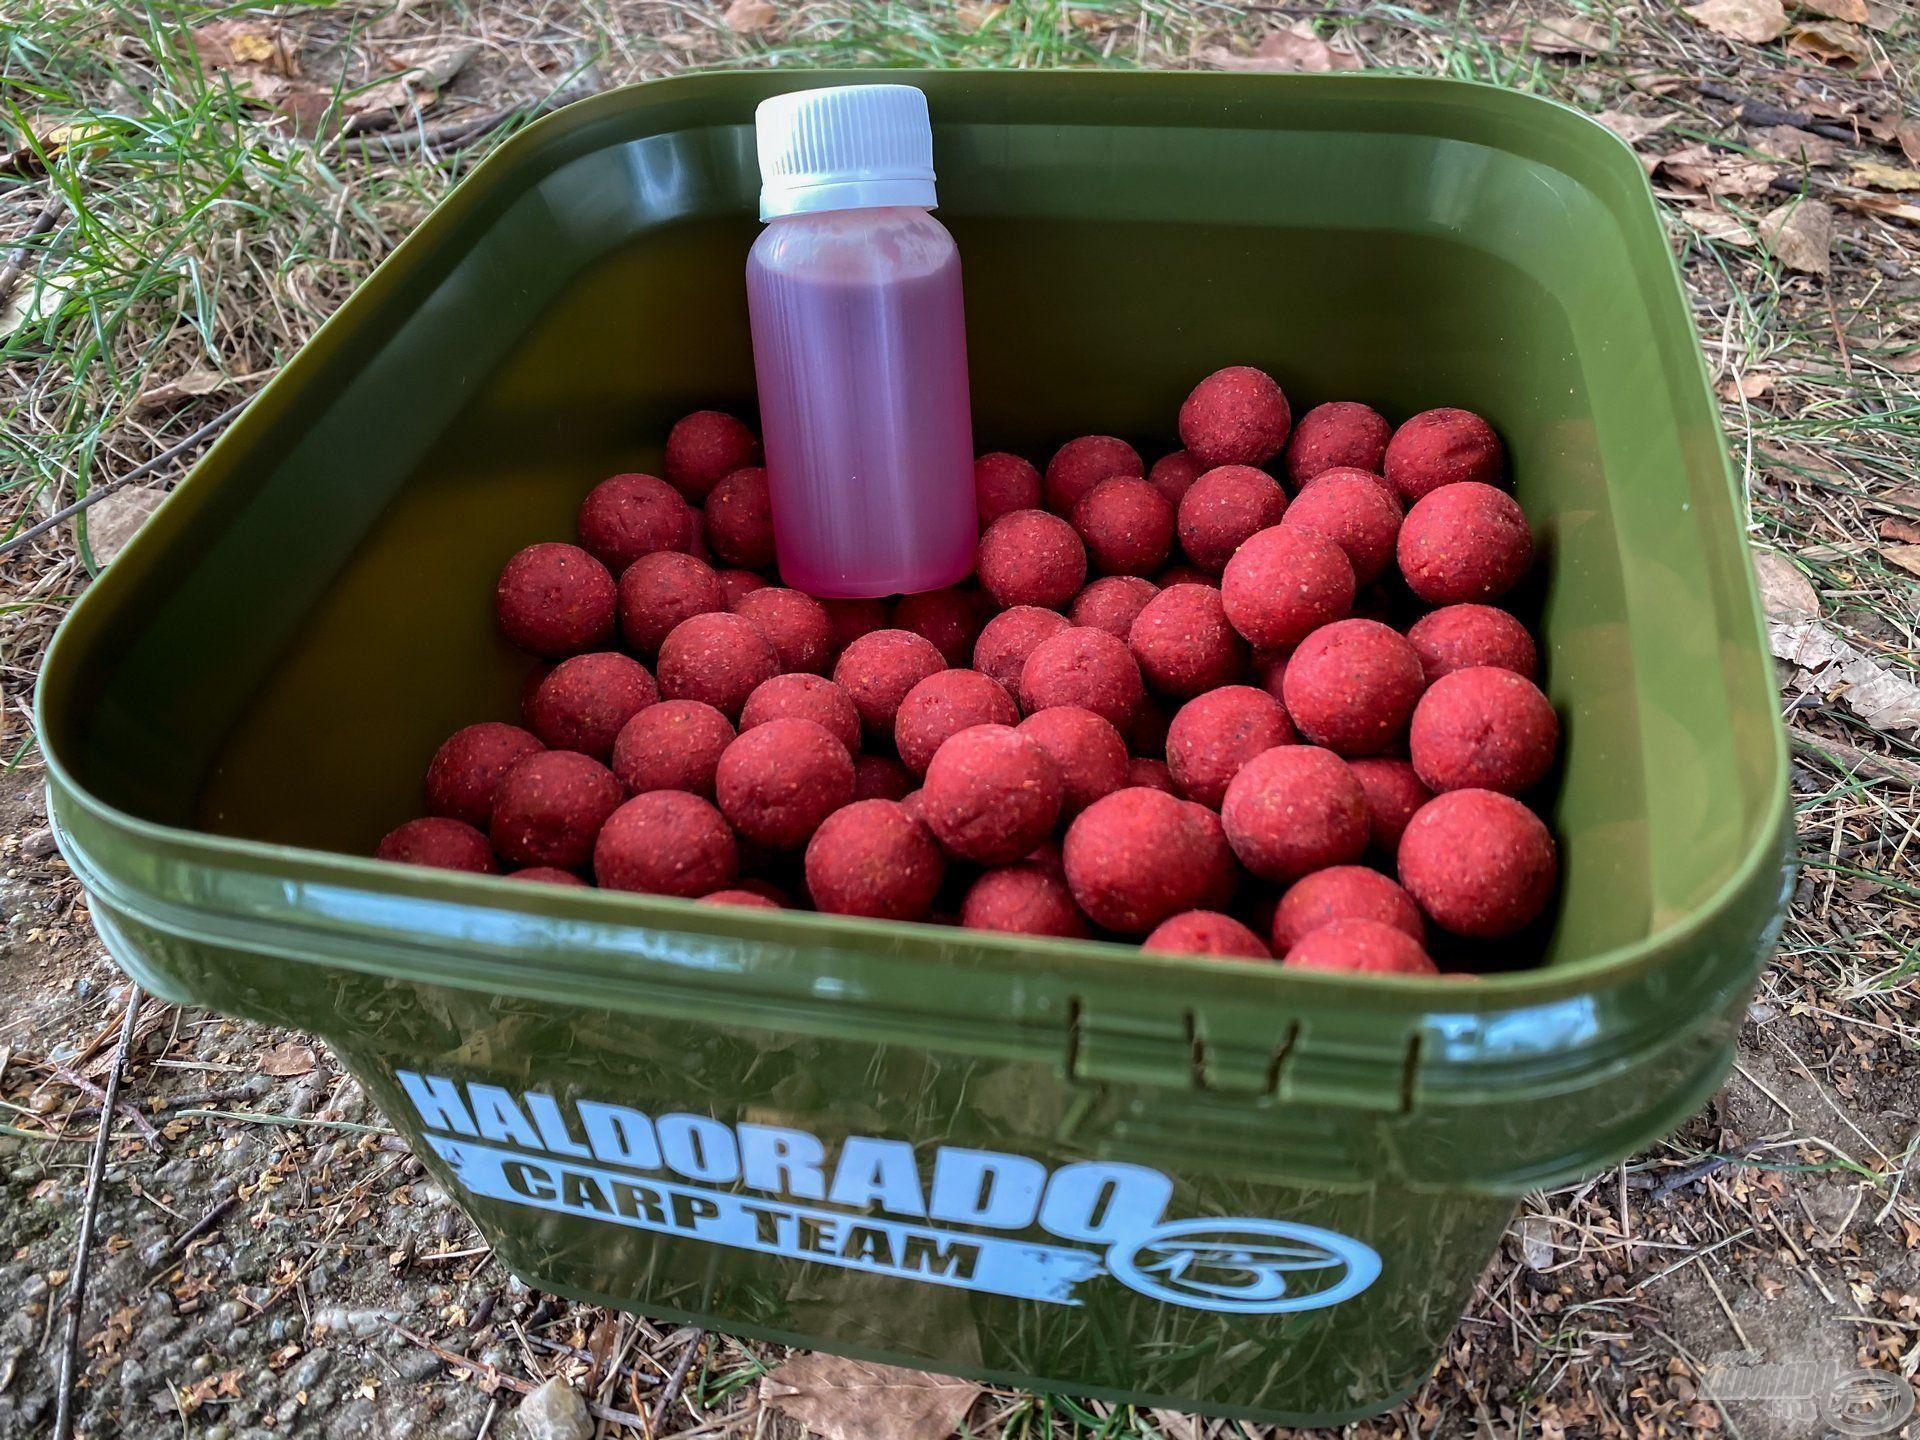 Újdonságként 1 kg-os kiszereléssel + egy ízben azonos 100 ml-es flakon aromával, egy praktikus vödörben hozzuk forgalomba